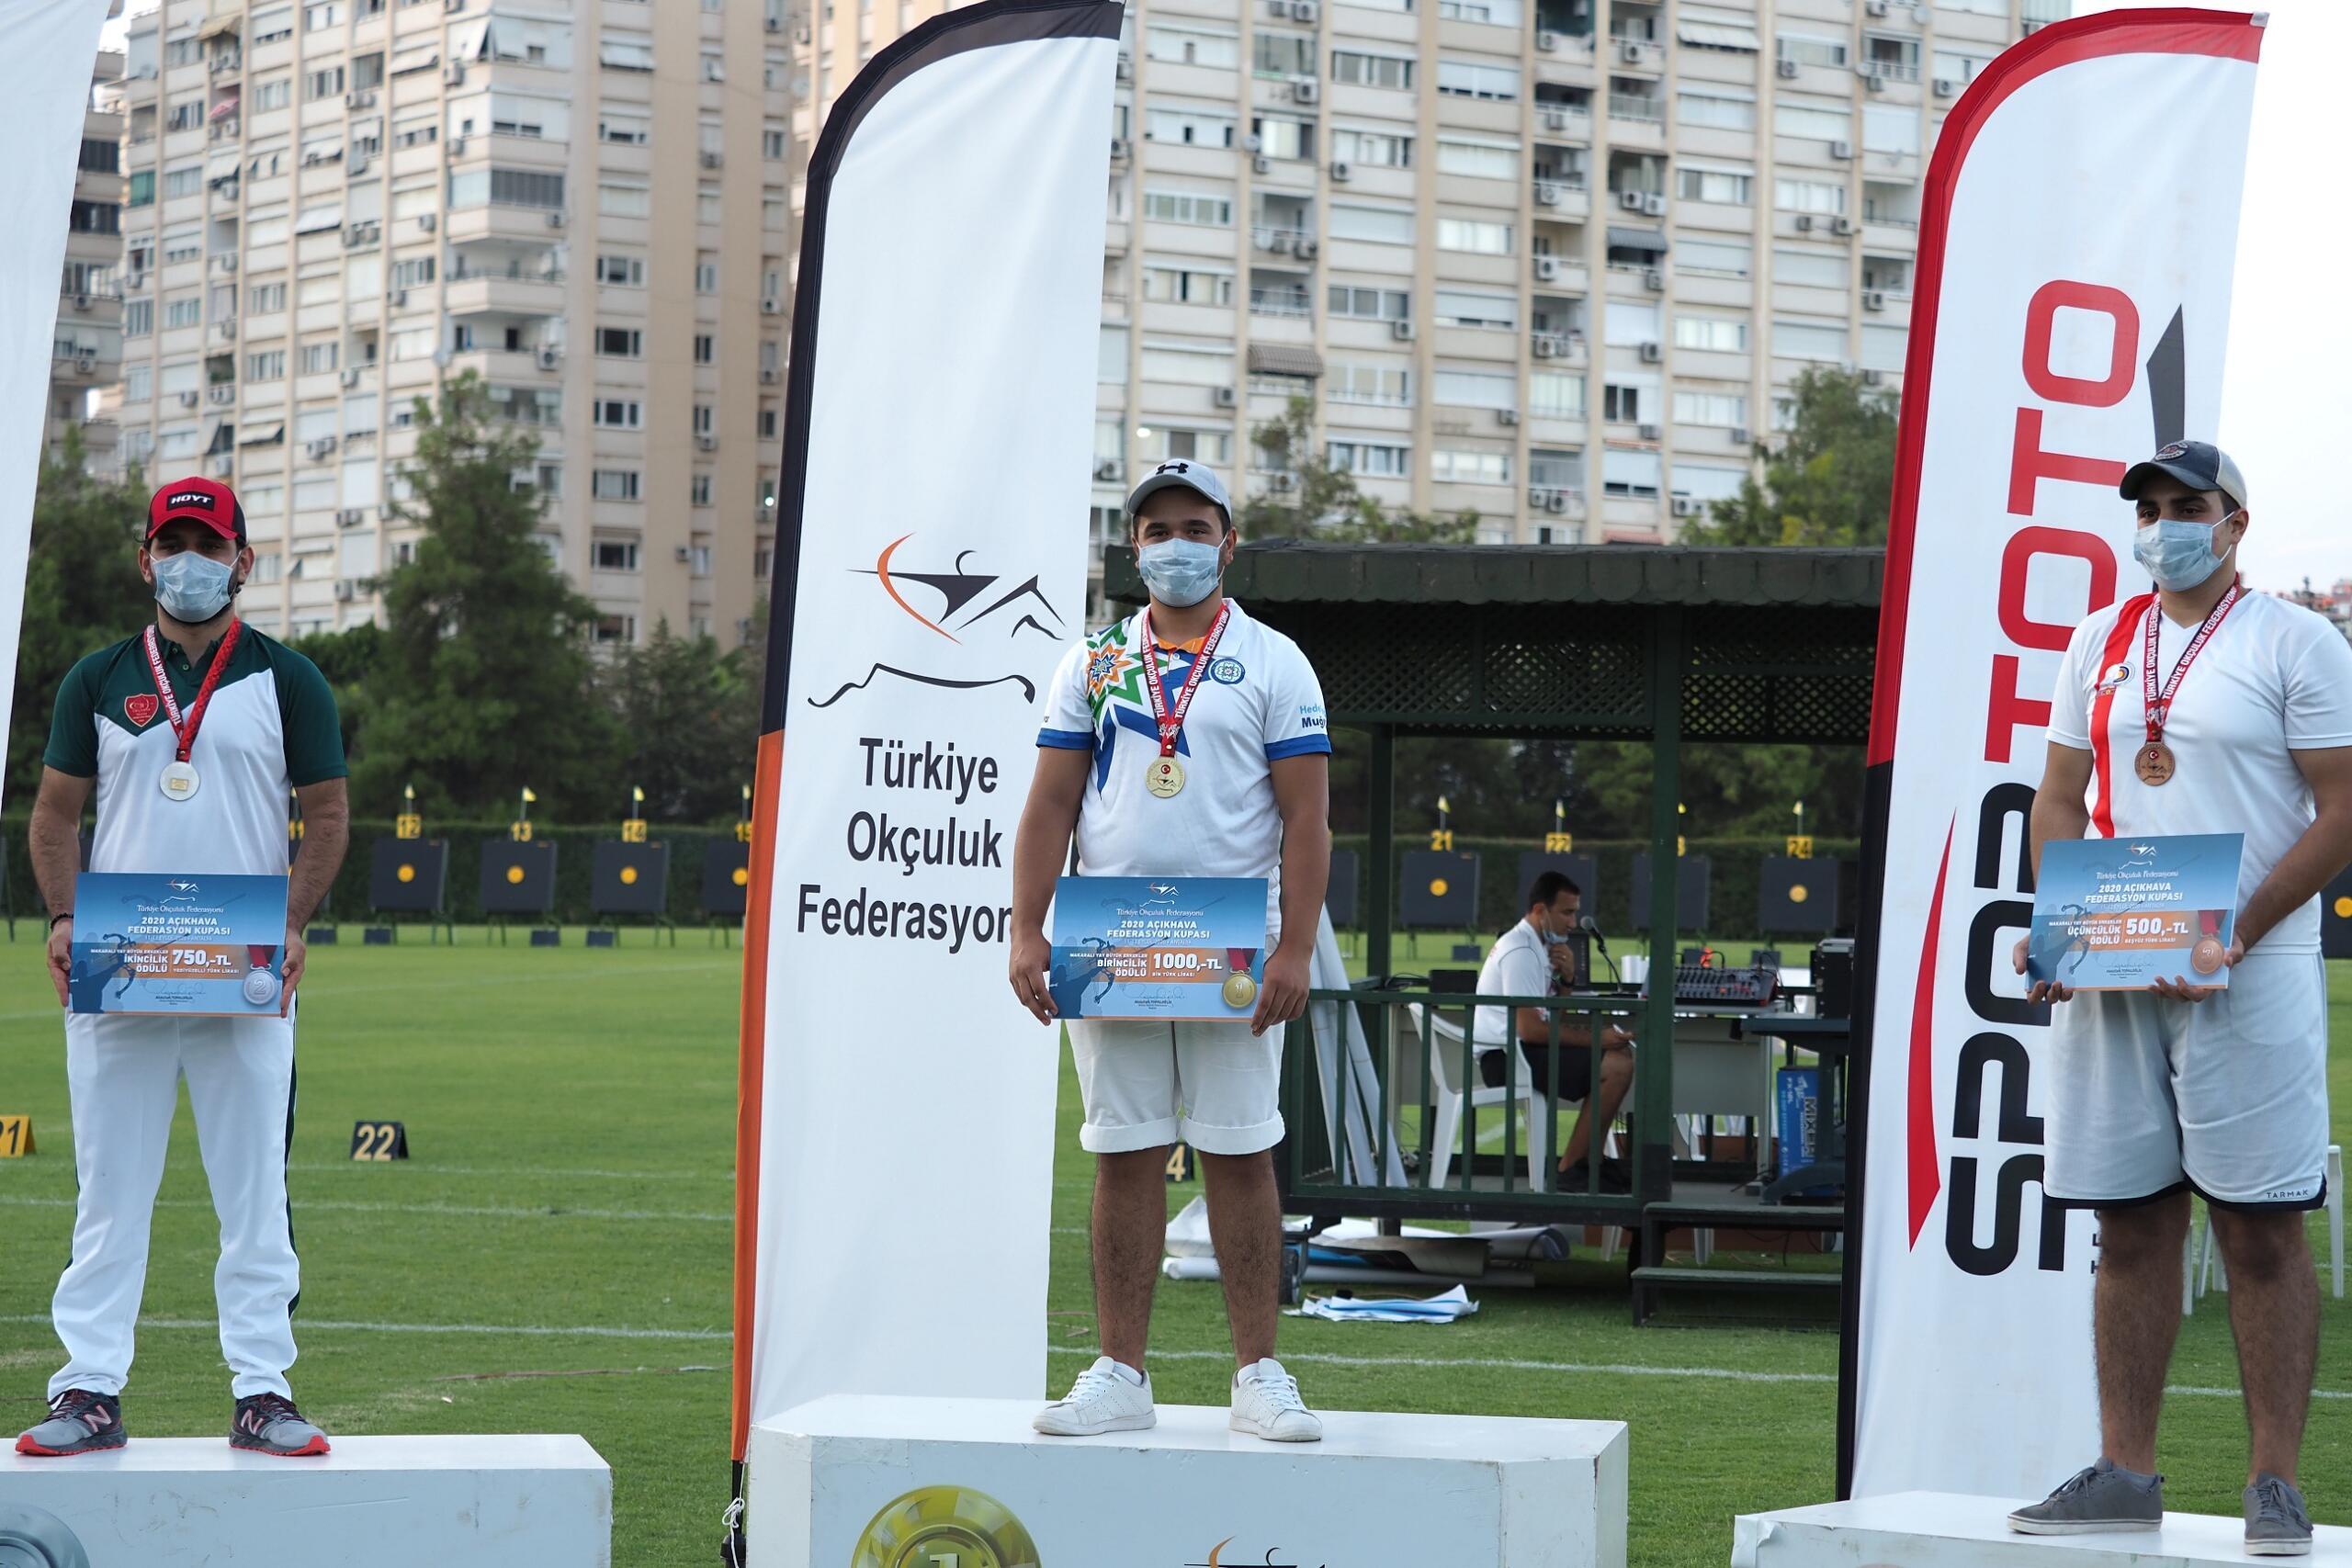 Yatağanlı Okçu Türkiye Şampiyonu oldu